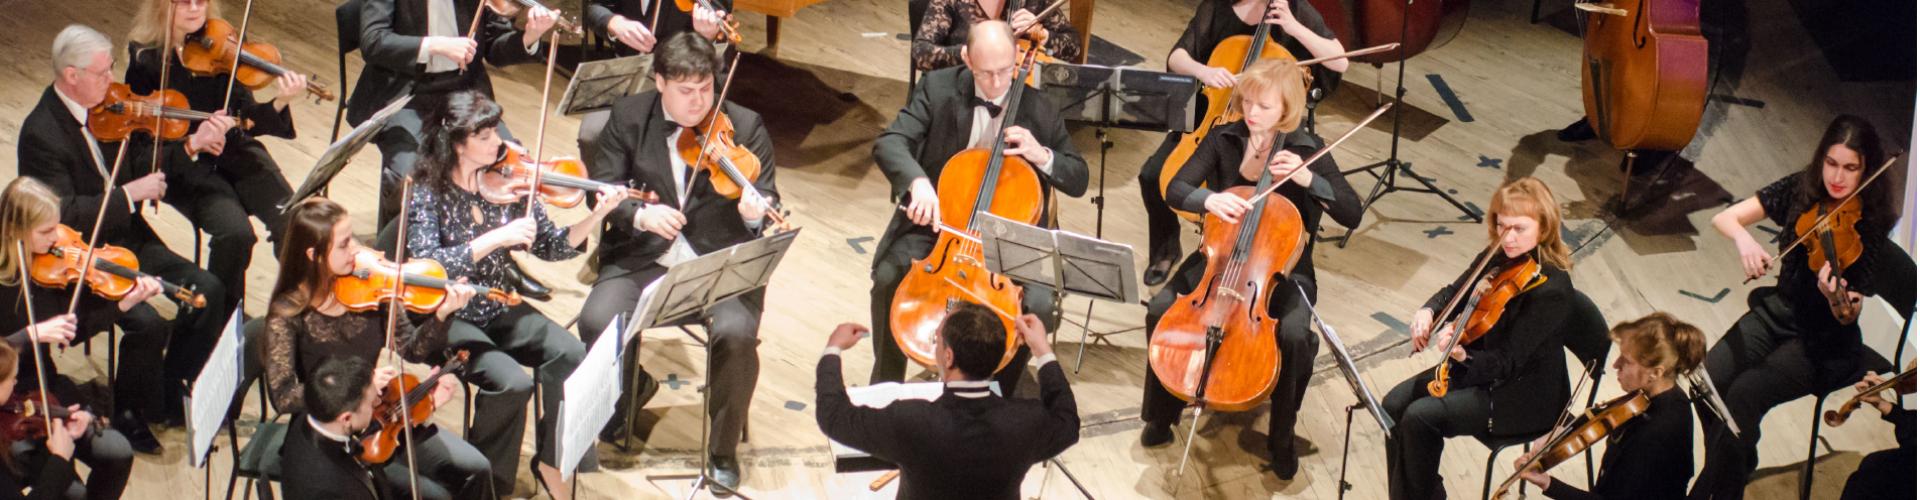 musical ensemble playing music